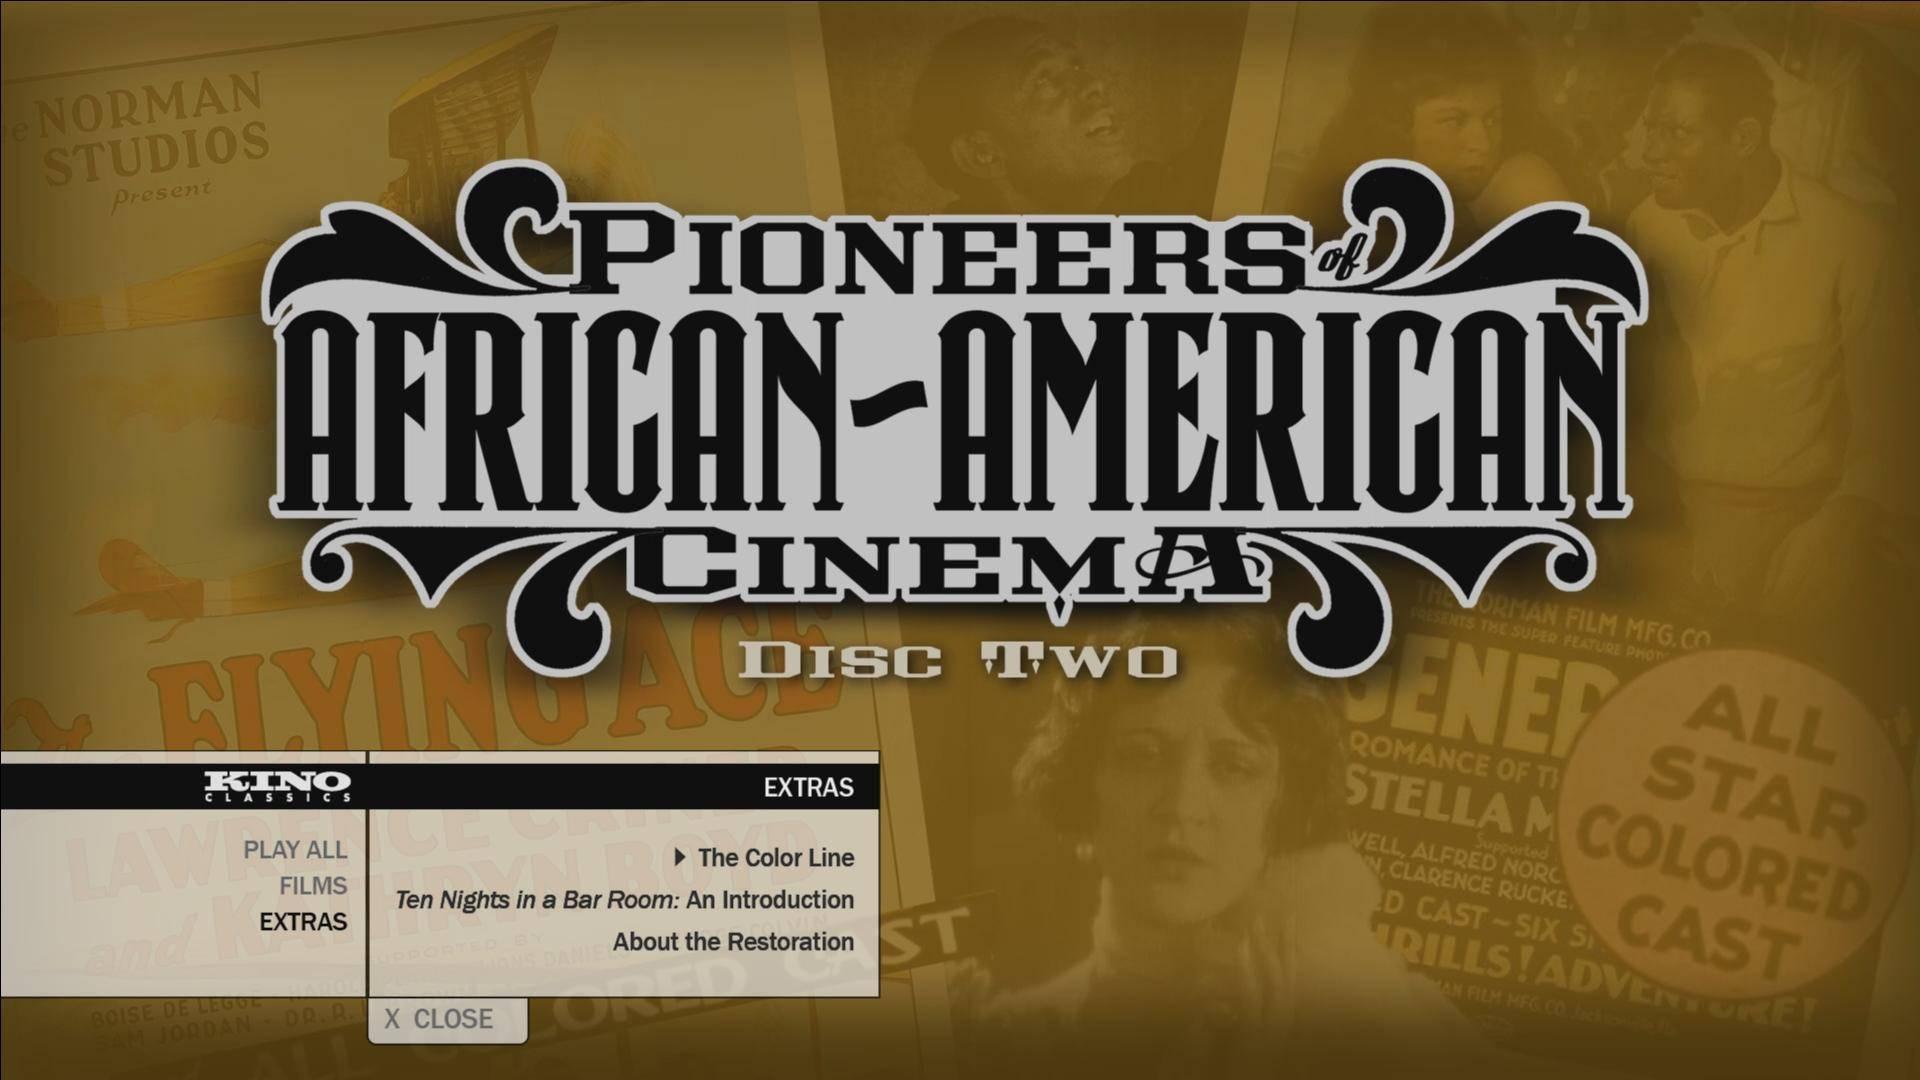 Pioneers of African-American Cinema (2015)